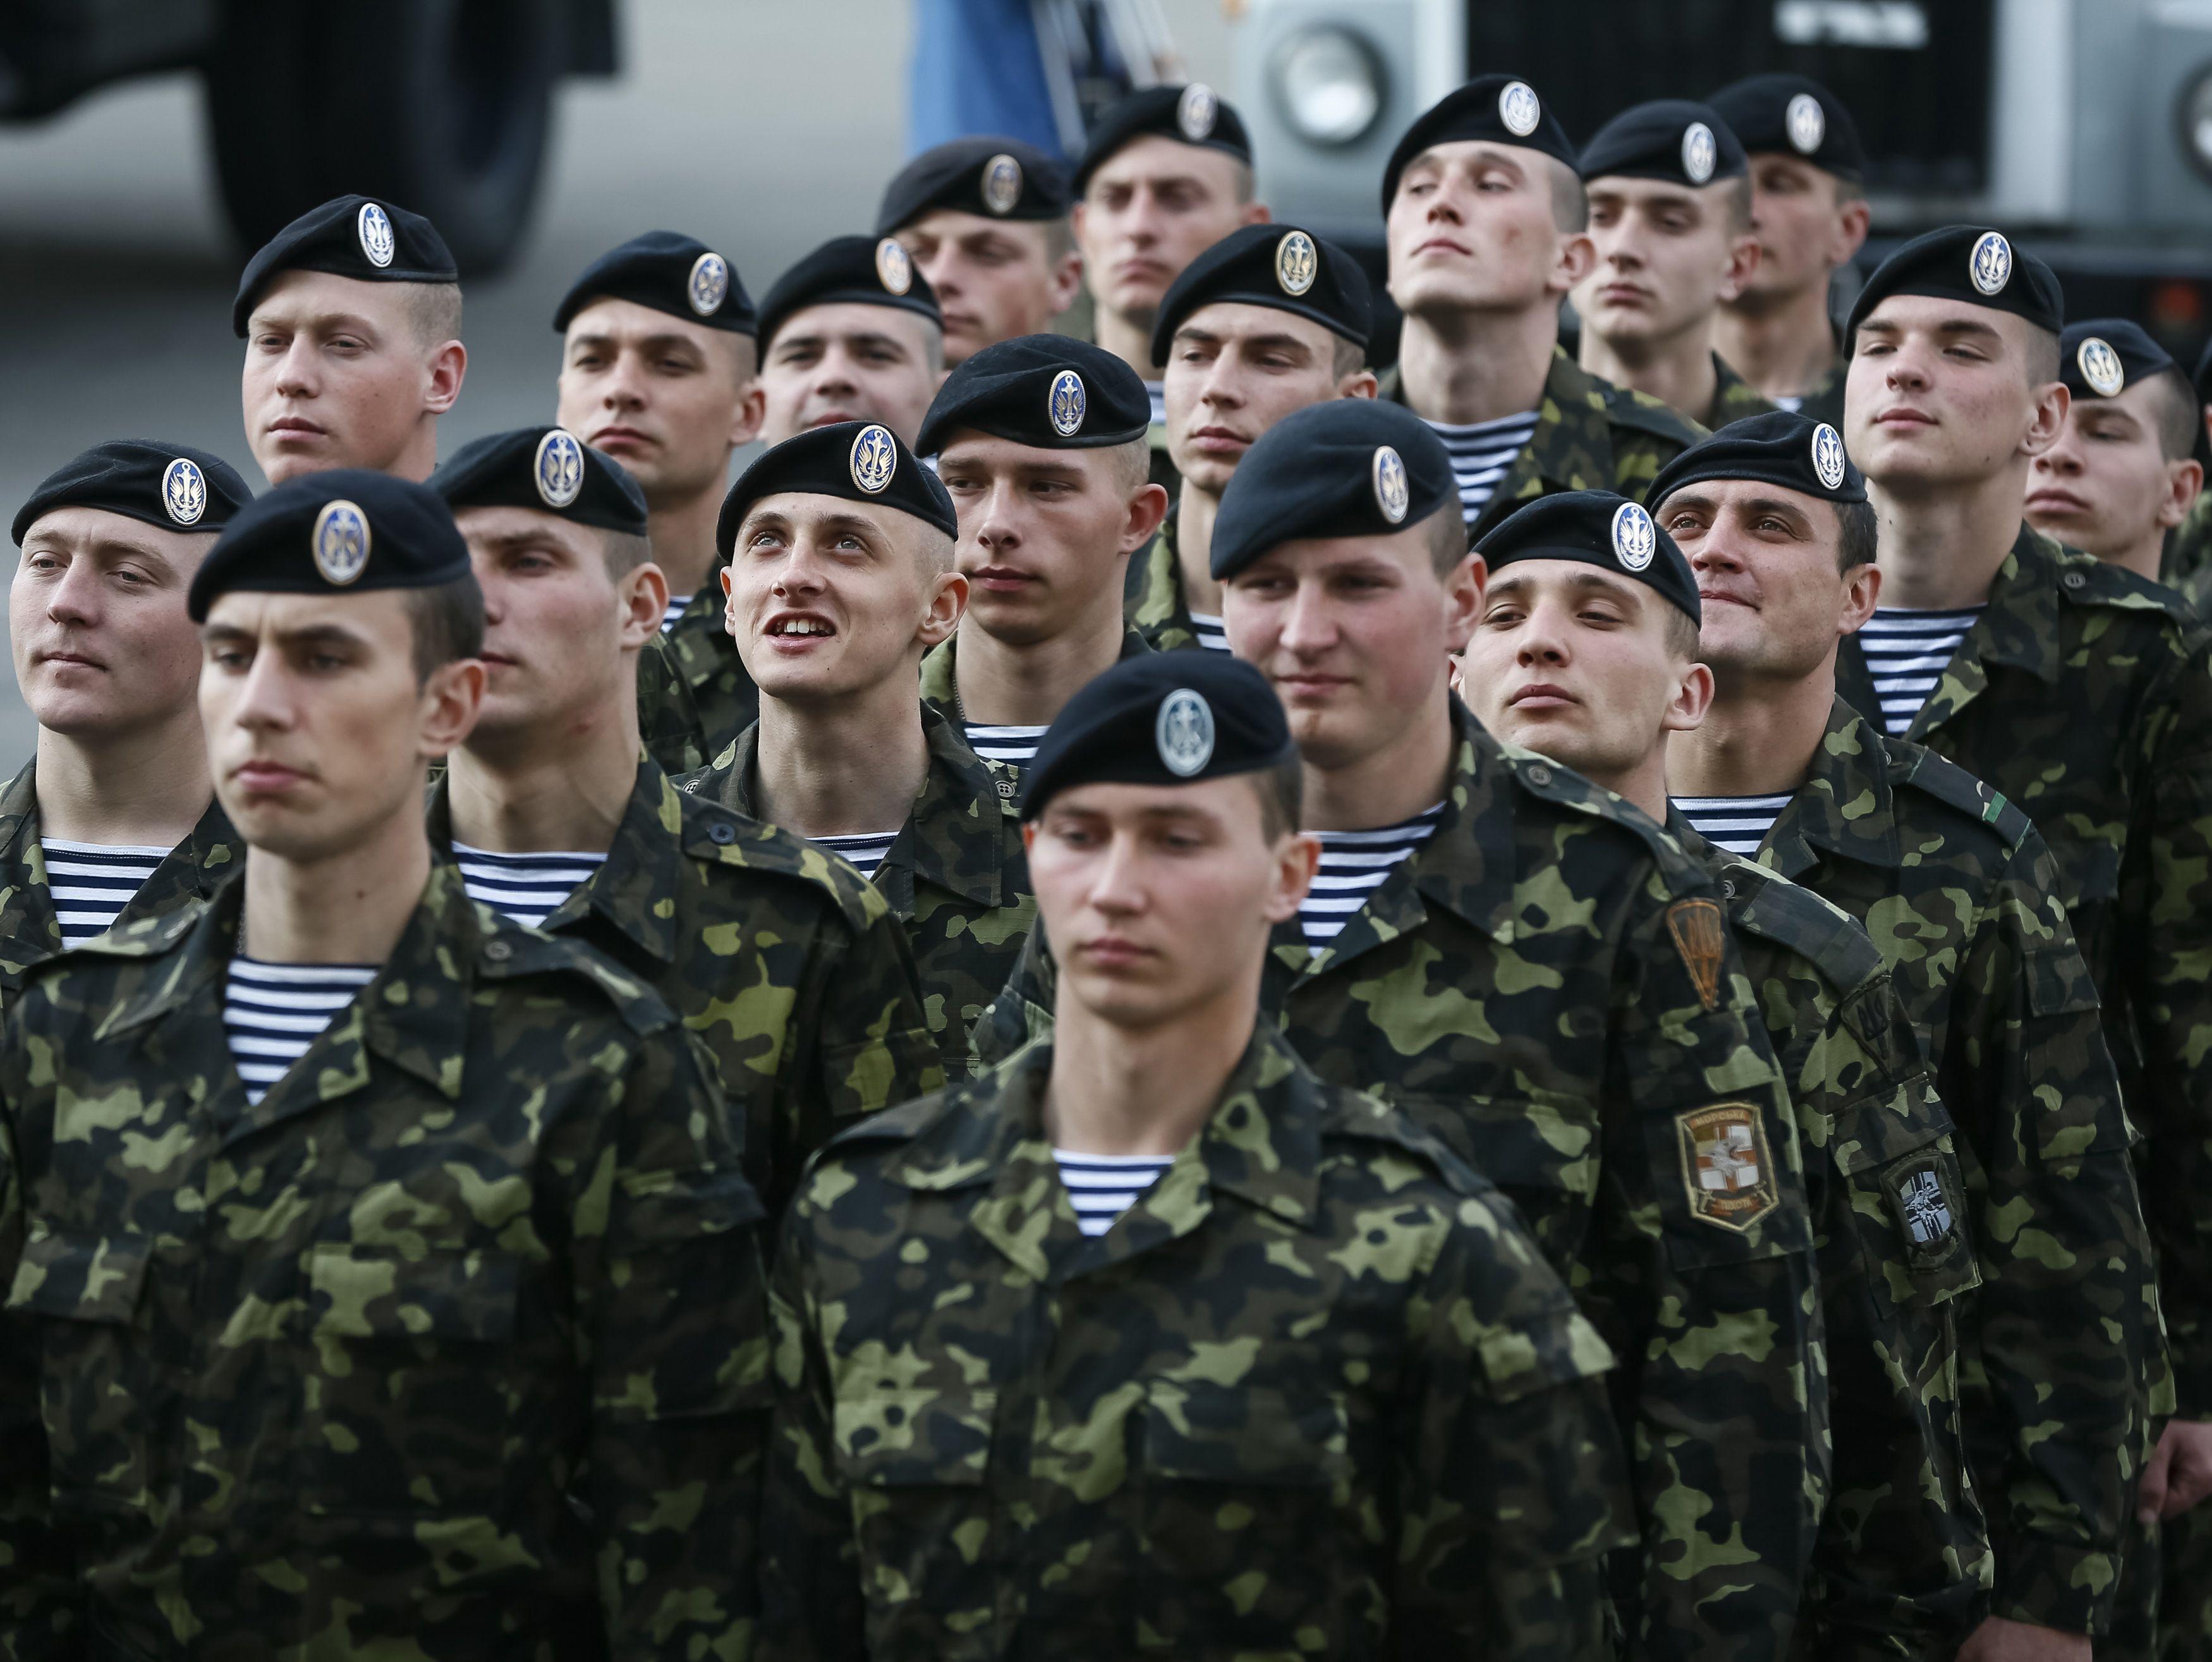 морская пехота украины фото картины течение